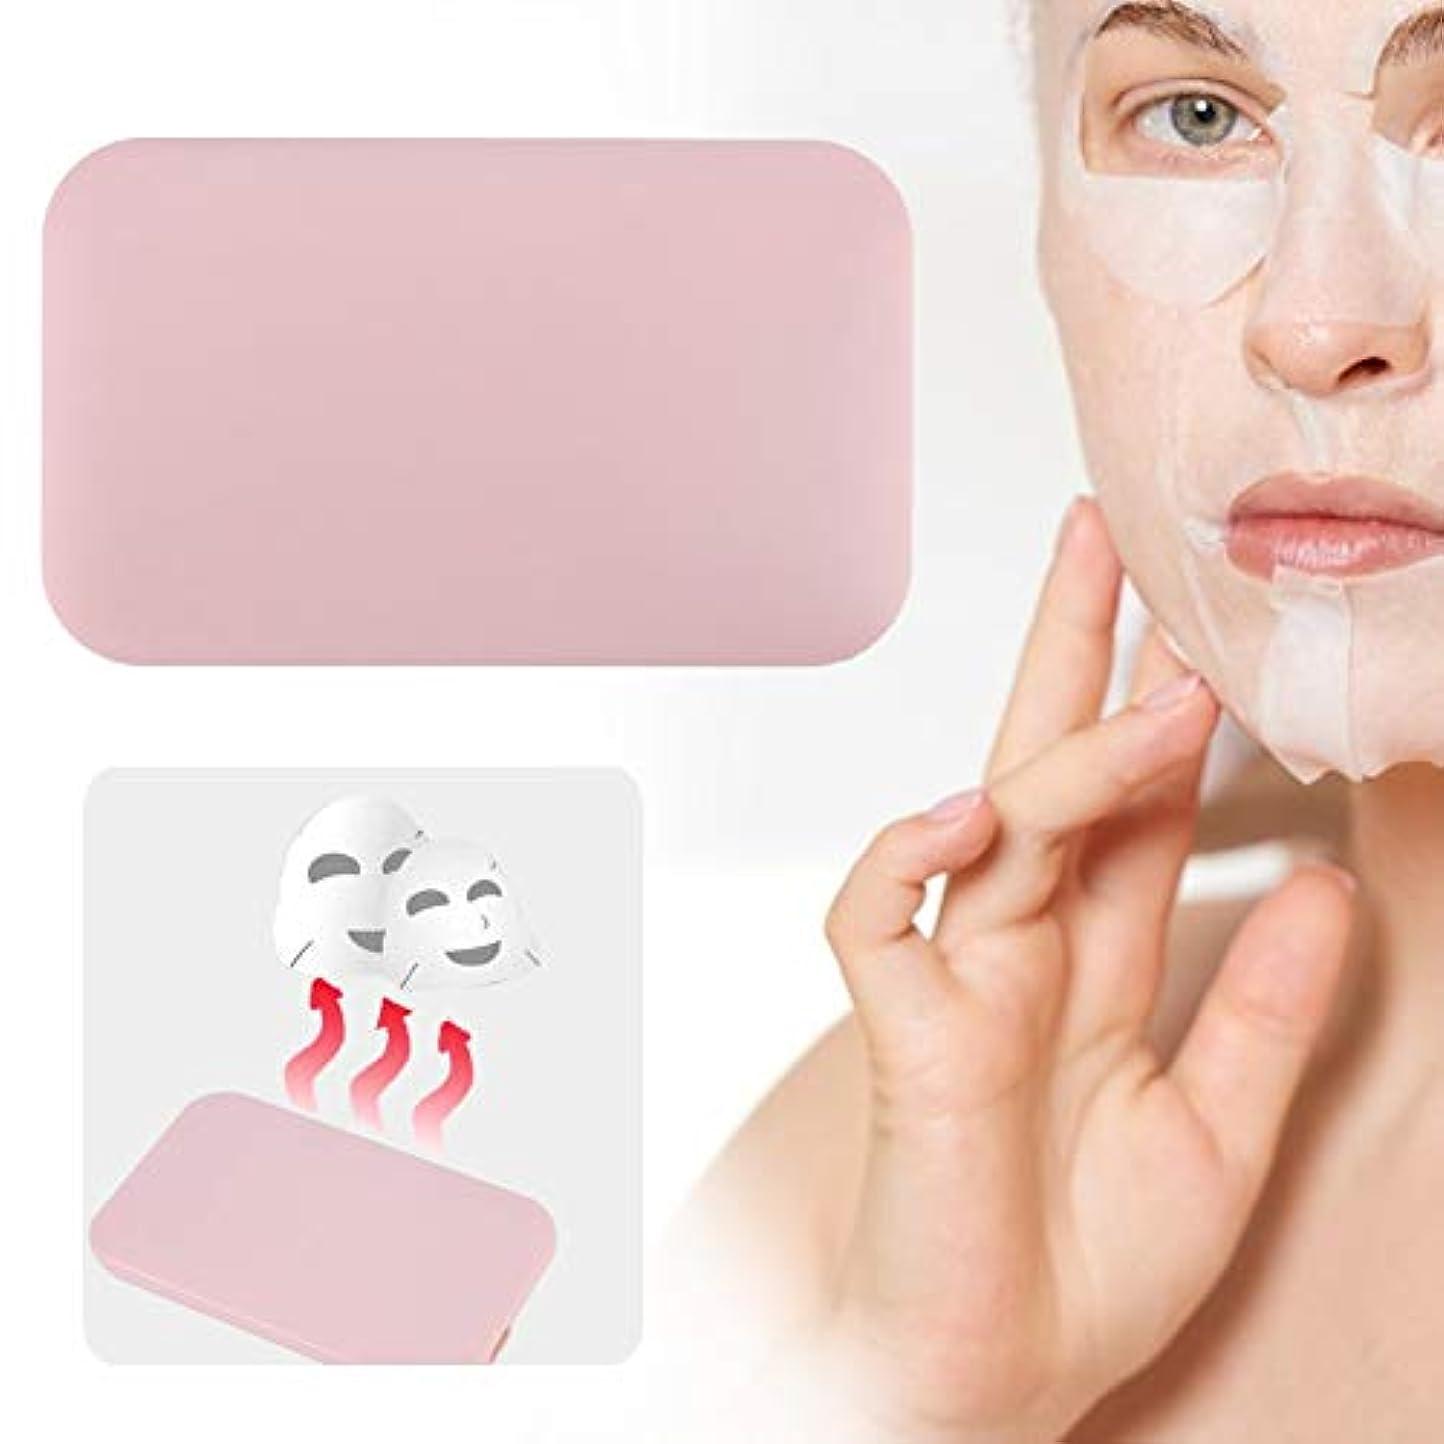 合成プール知覚的Rotekt電気顔マスクシートウォーマー強化吸収マスク暖房機ピンク